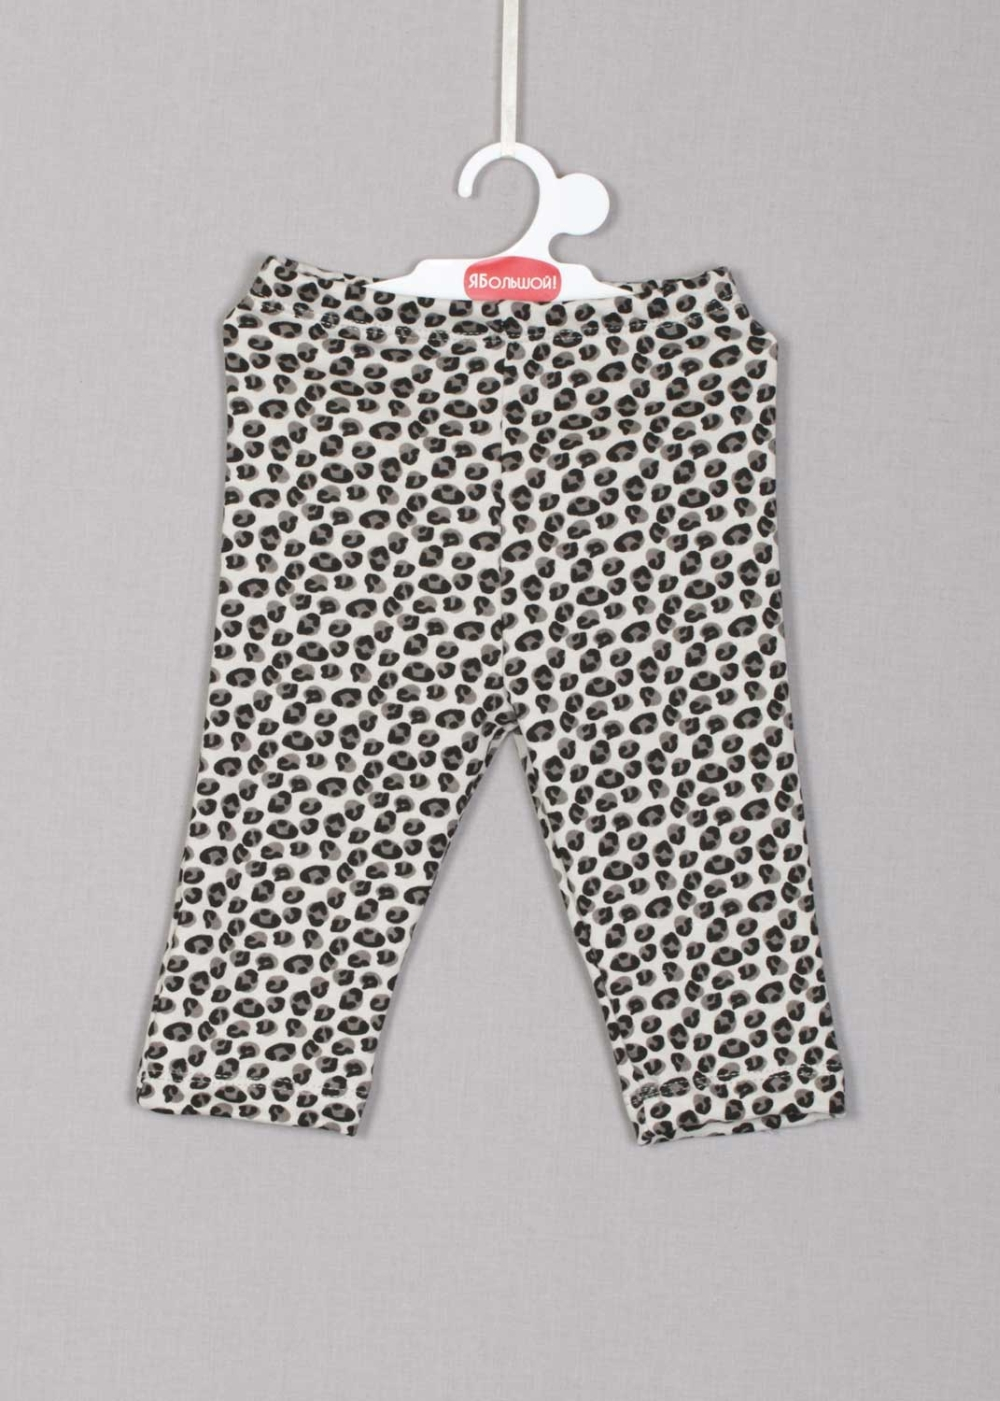 ЛегинсыПолзунки<br>Трикотажные штанишки для новорожденного  В изделии использованы цвета: белый, черный.  Размер соответствует росту ребенка<br><br>По возрасту: Ясельные ( от 1 до 3 лет)<br>По материалу: Трикотажные,Хлопковые<br>По образу: Повседневные<br>По рисунку: С принтом (печатью),Цветные<br>По сезону: Весна,Зима,Лето,Осень,Всесезон<br>По силуэту: Полуприталенные<br>По элементам: На резинке<br>Размер : 68,74,86<br>Материал: Трикотаж<br>Количество в наличии: 3